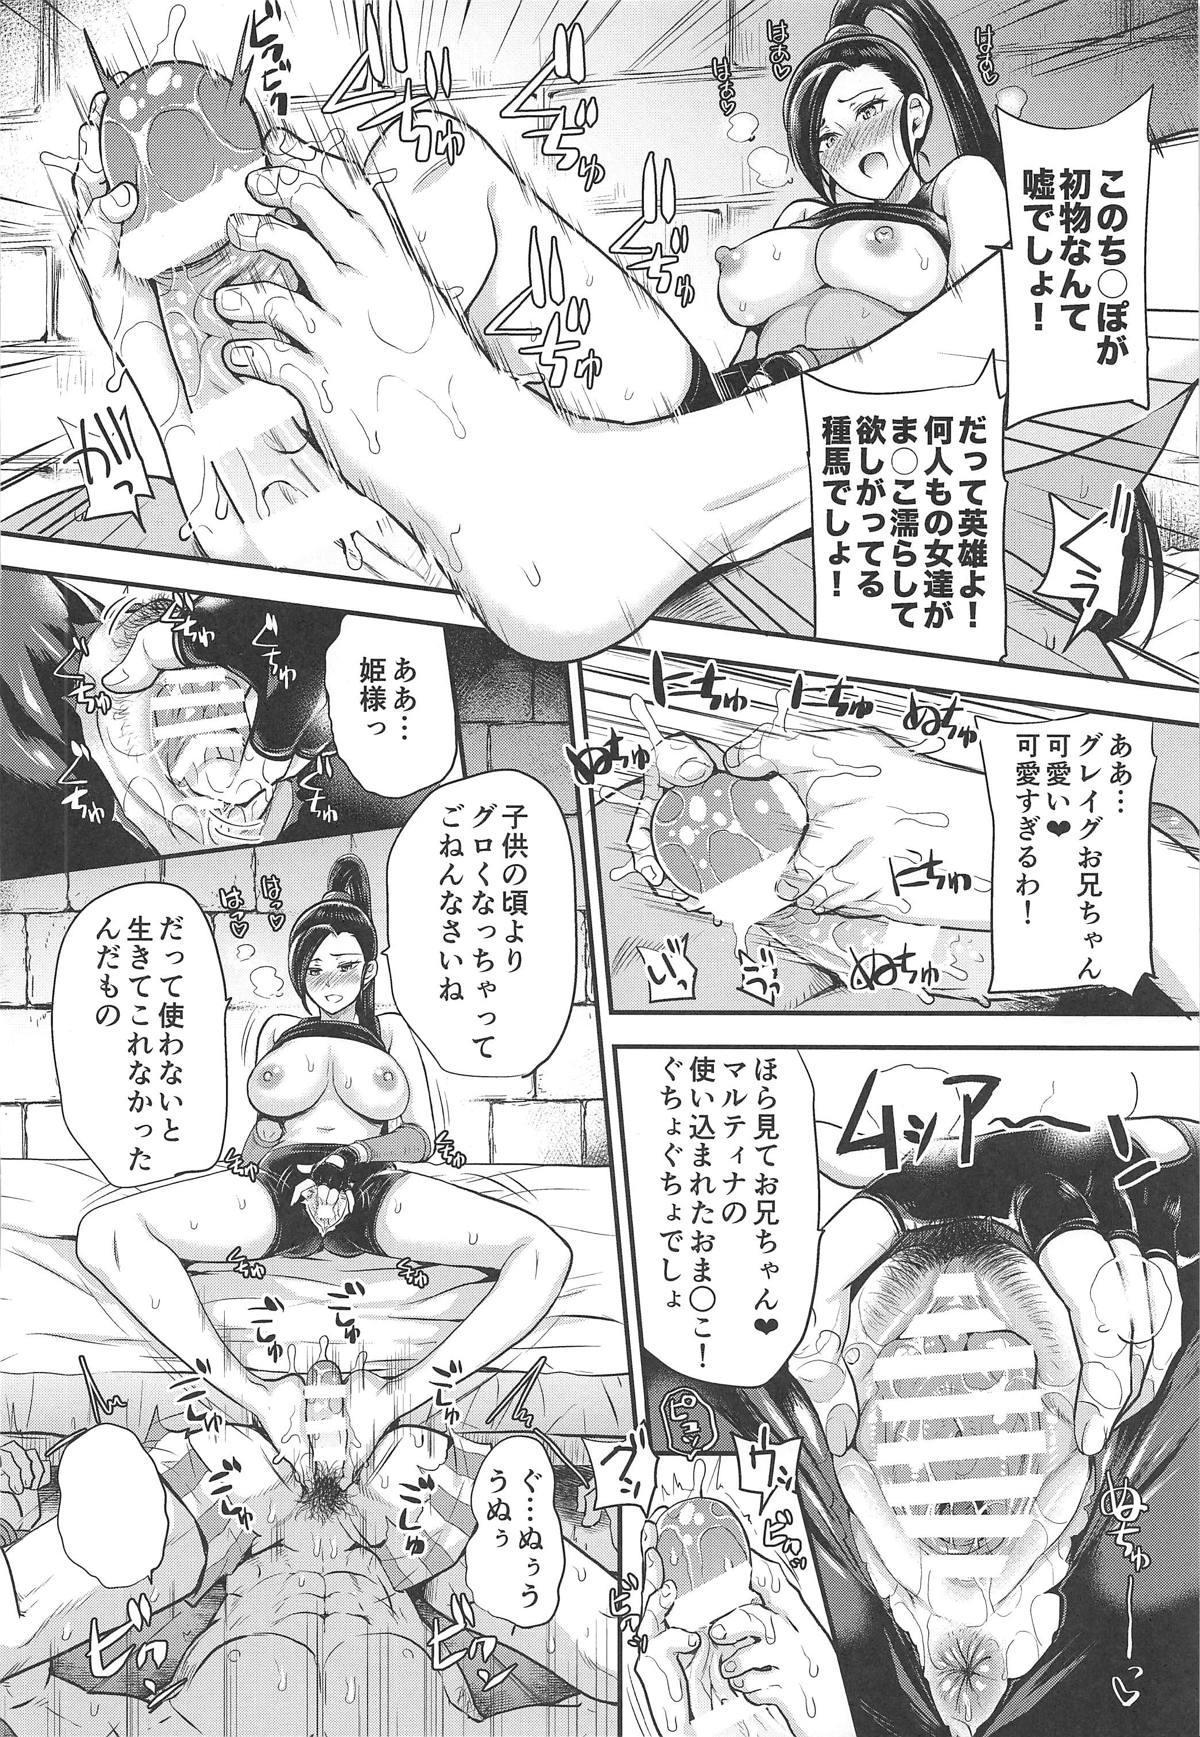 Cherry Fight + Momoiro Omakebon 13